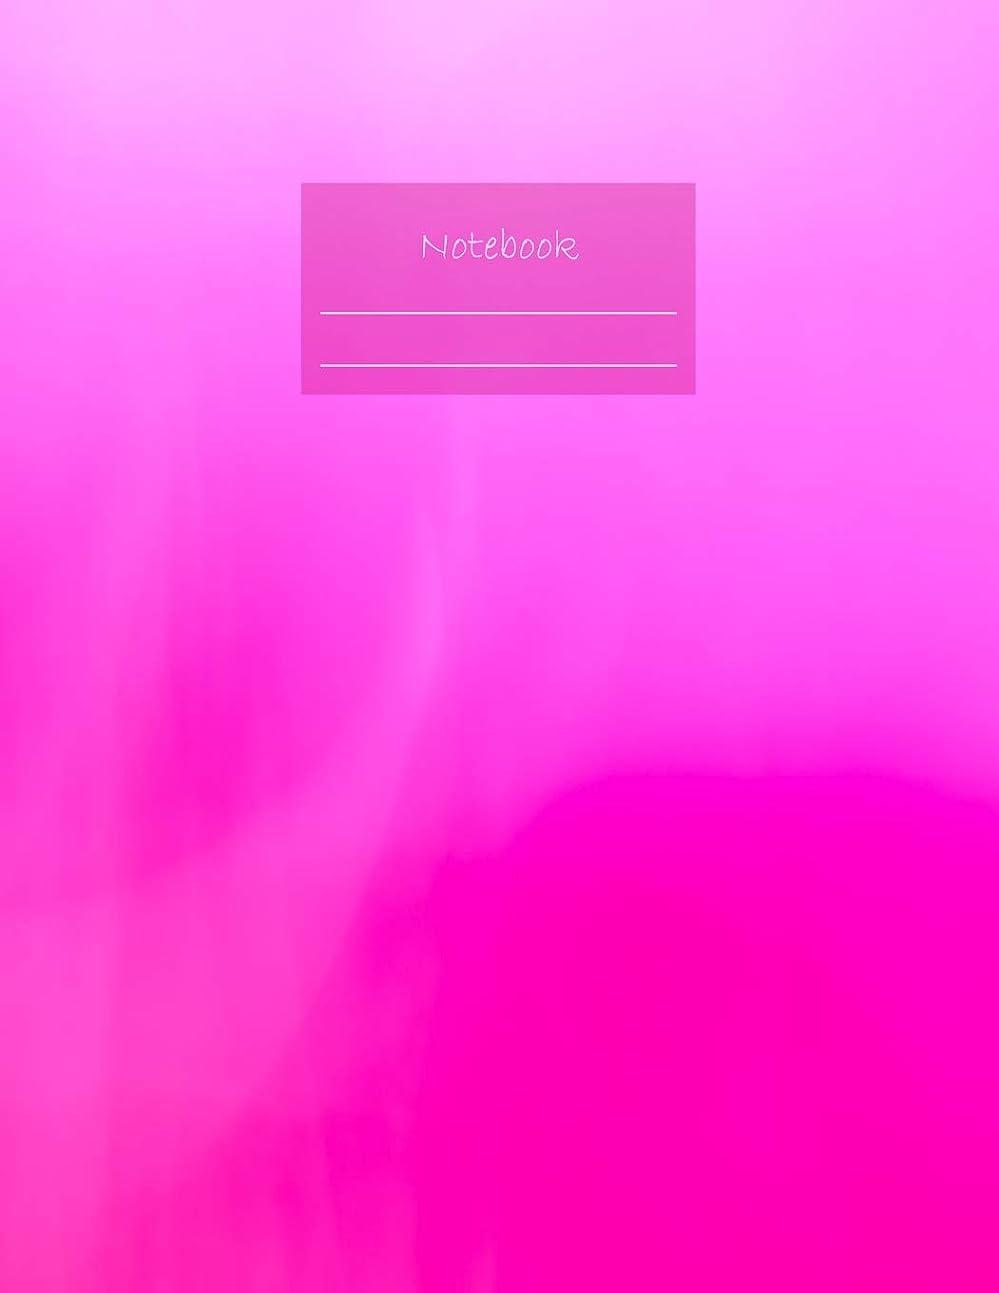 鳩持続するいまNotebook: Large notebook with 120 Lined pages. Wide ruled. Ideal for School notes, Journaling, Hand lettering, Calligraphy practice. Perfect gift. 8.5' x 11.0' (Large). (Pink cover).